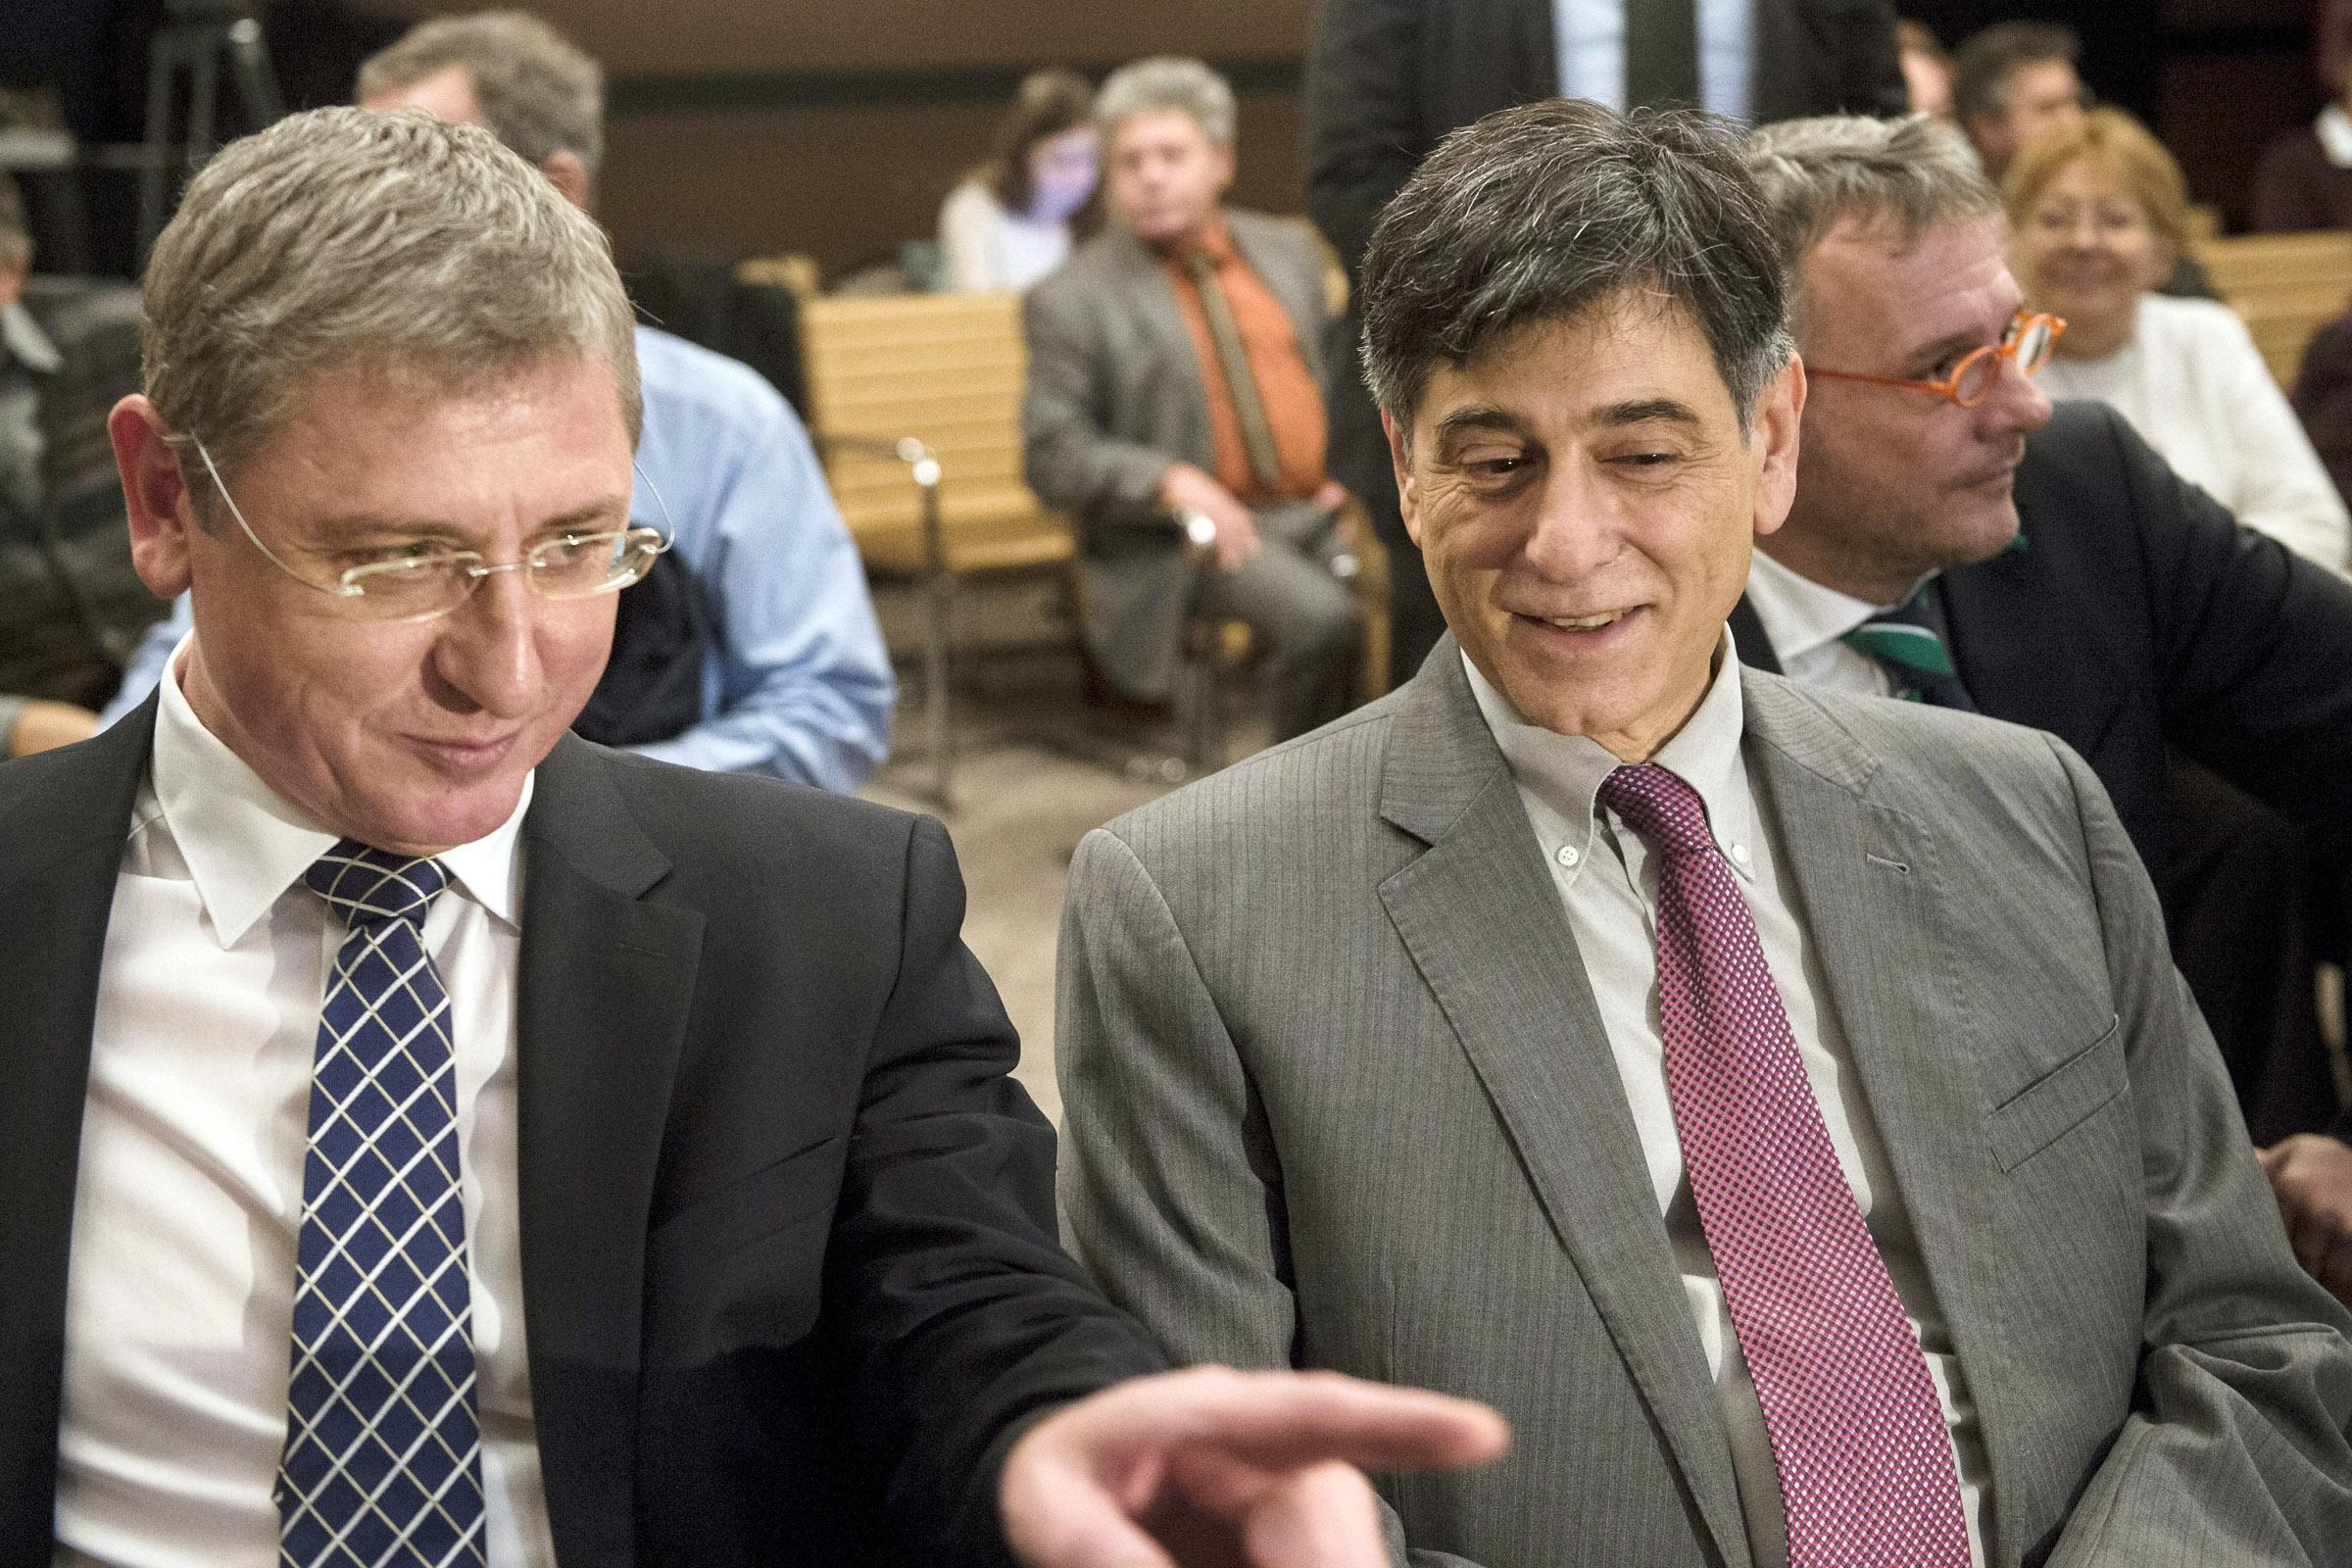 Gyurcsány Ferenc, a Demokratikus Koalíció (DK) elnöke, volt miniszterelnök (b) és André Goodfriend / Fotó: MTI